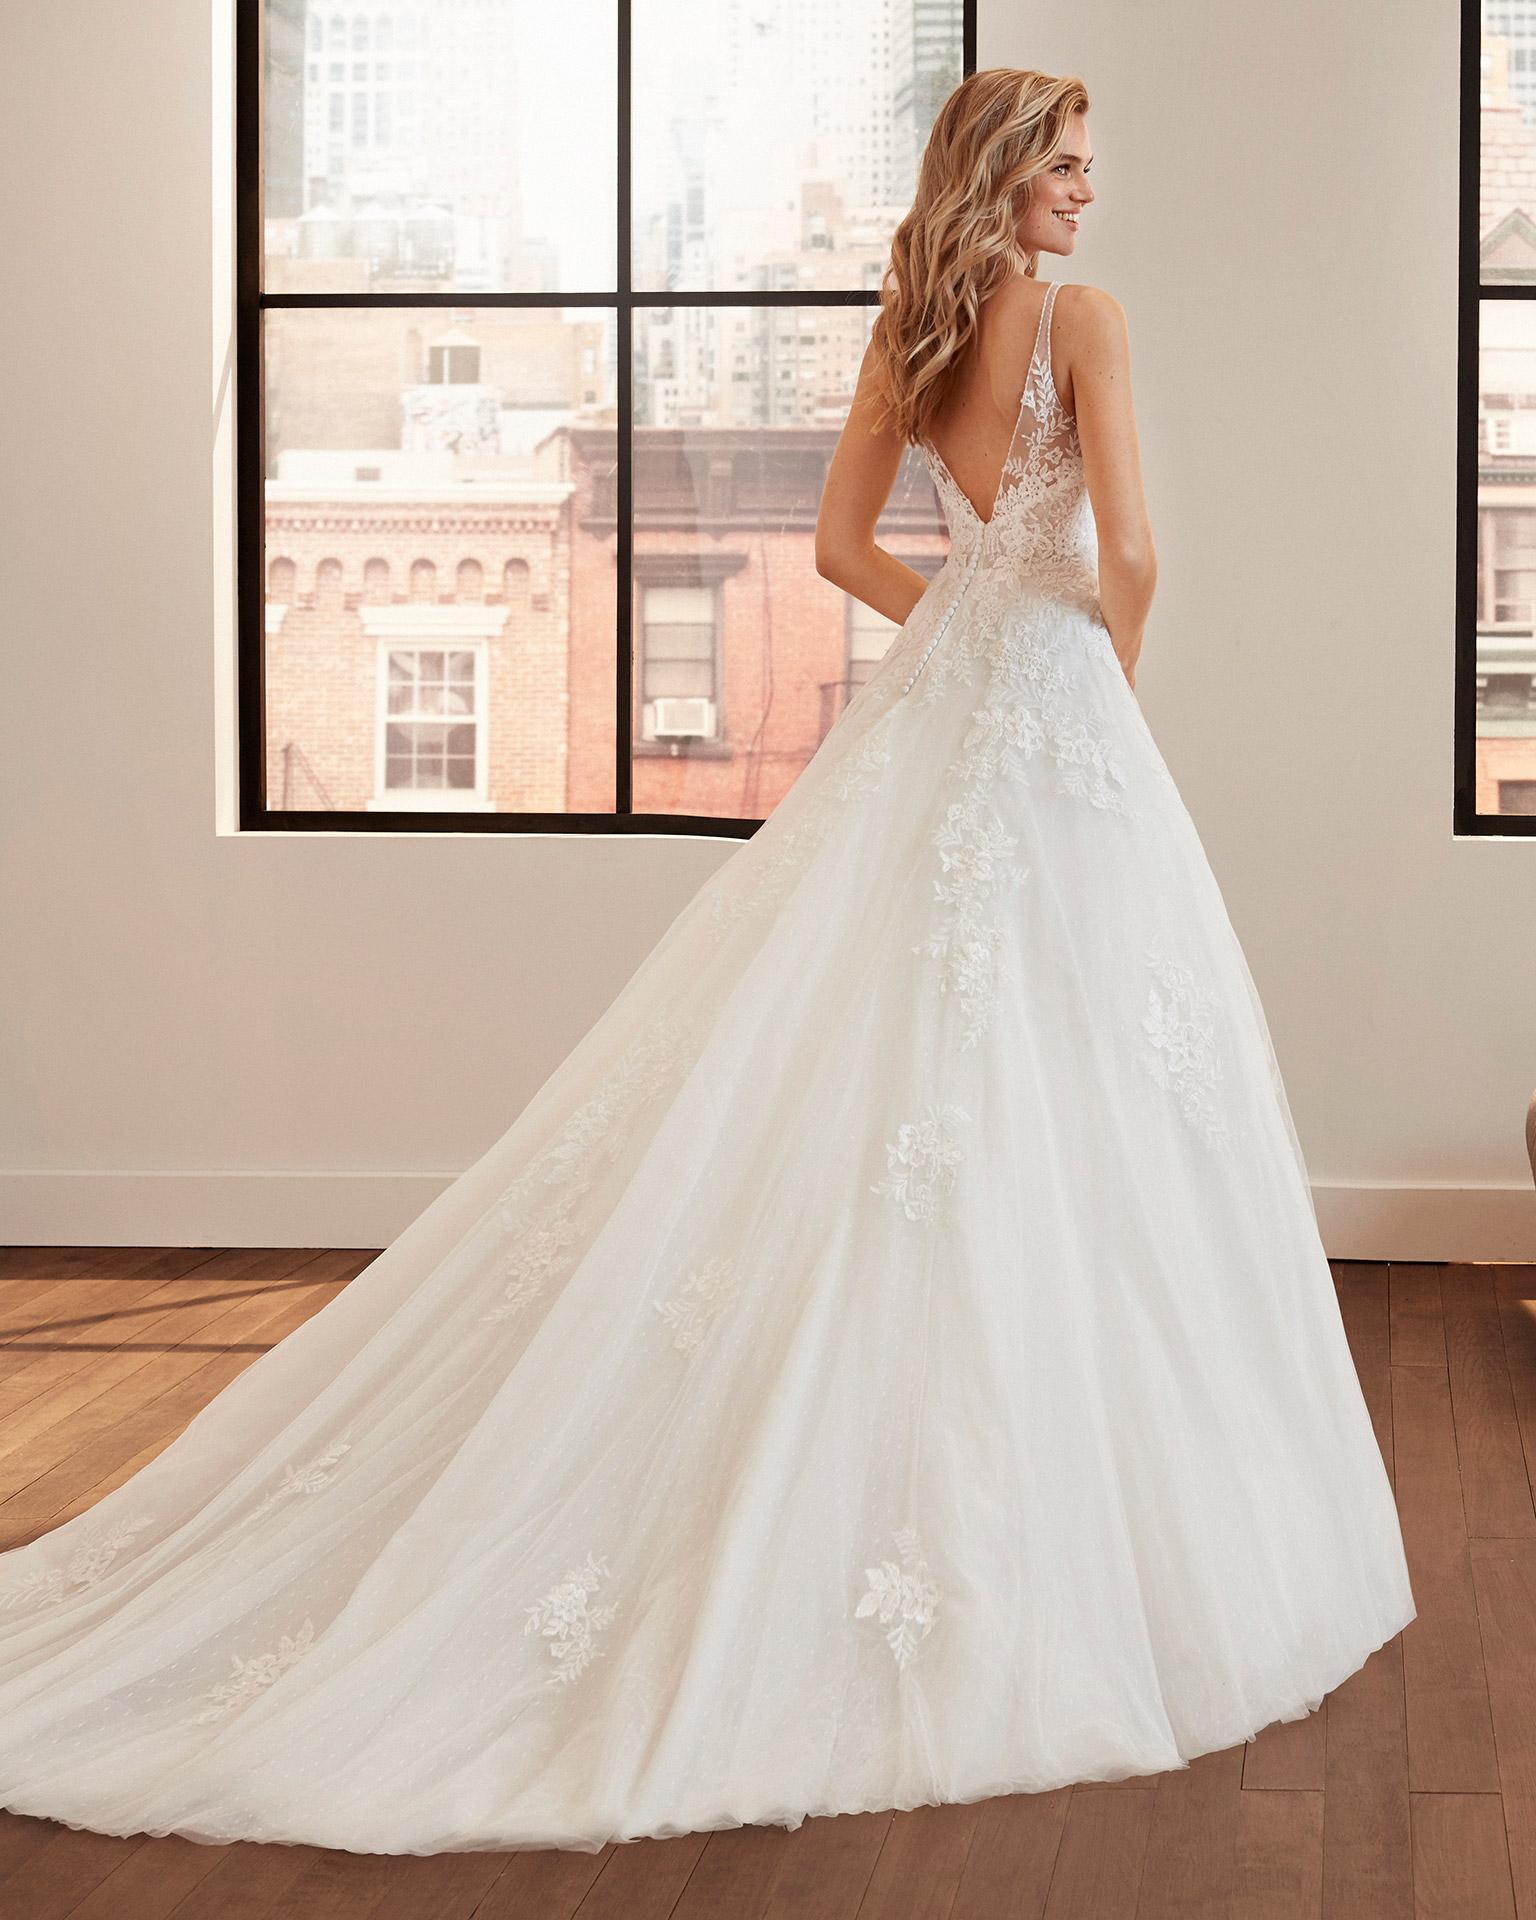 Vestido de novia de estilo romántico de encaje, tul plumeti y pedrería con escote y espalda en V. Colección  2020.